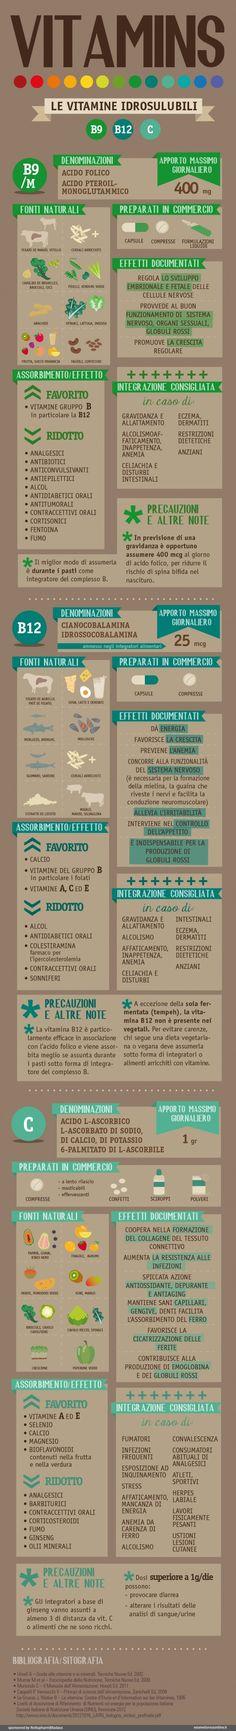 A tutto vitamine!  Le vitamine idrosolubili 2 - Infografica di Esseredonnaonline